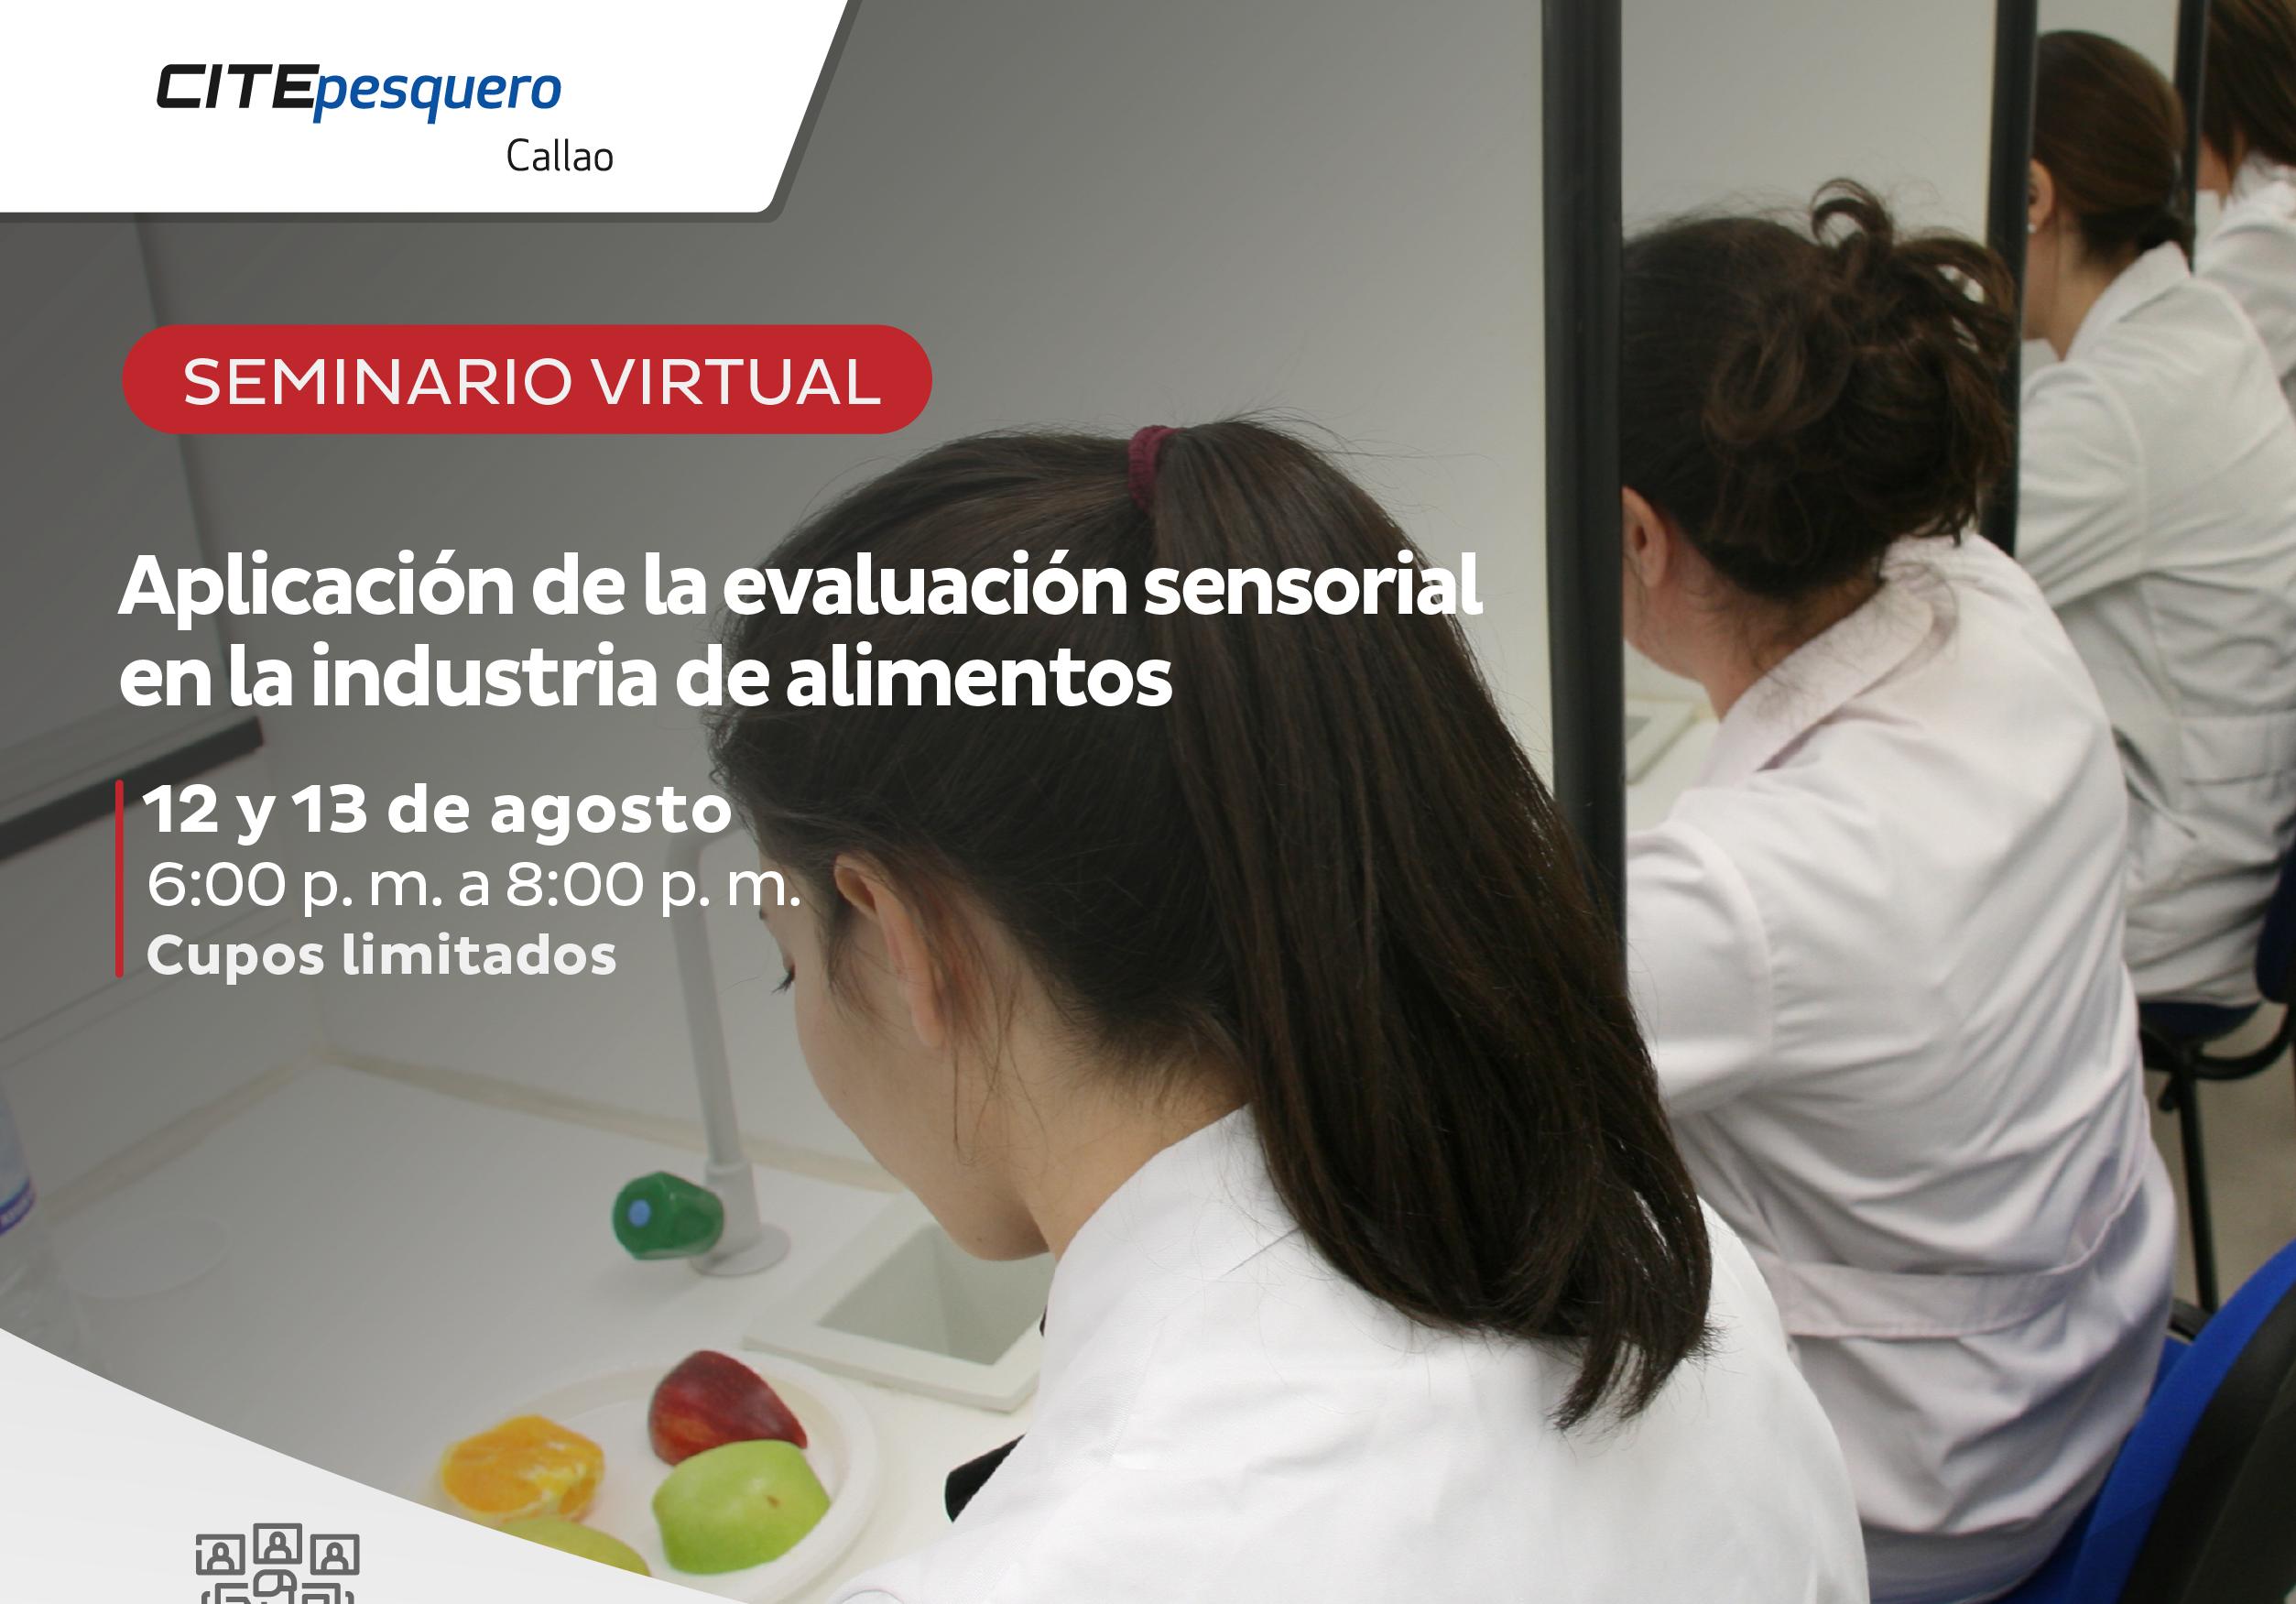 Aplicación de la evaluación sensorial en la industria de alimentos